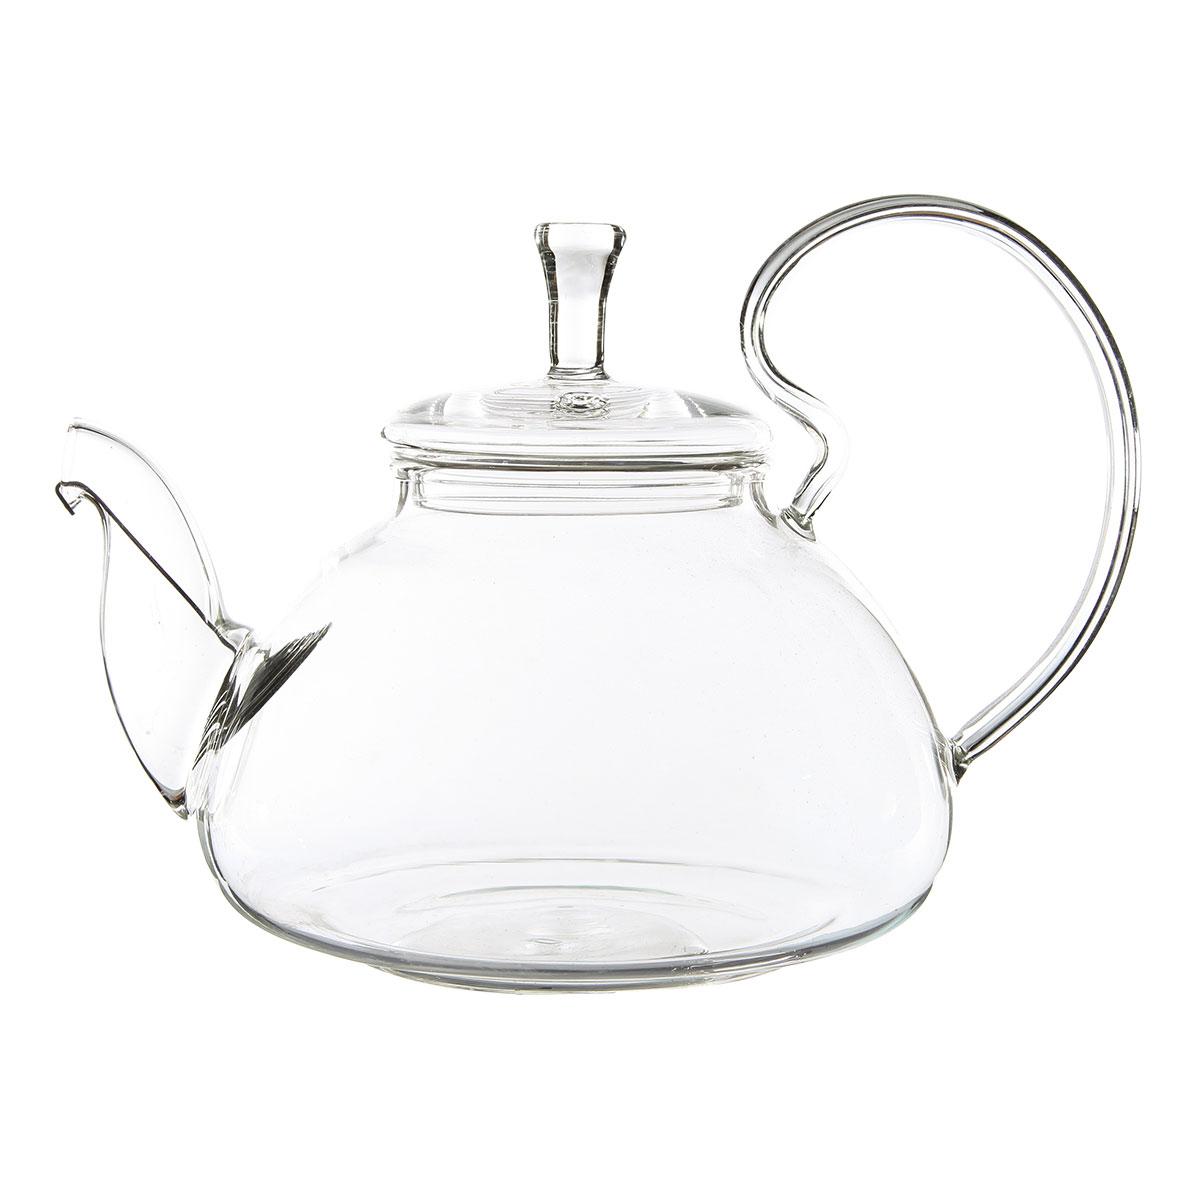 Стеклянный заварочный чайник Георгин, 670 мл (уцененный товар) чайник заварочный queen ruby с фильтром 500 мл qr 6039